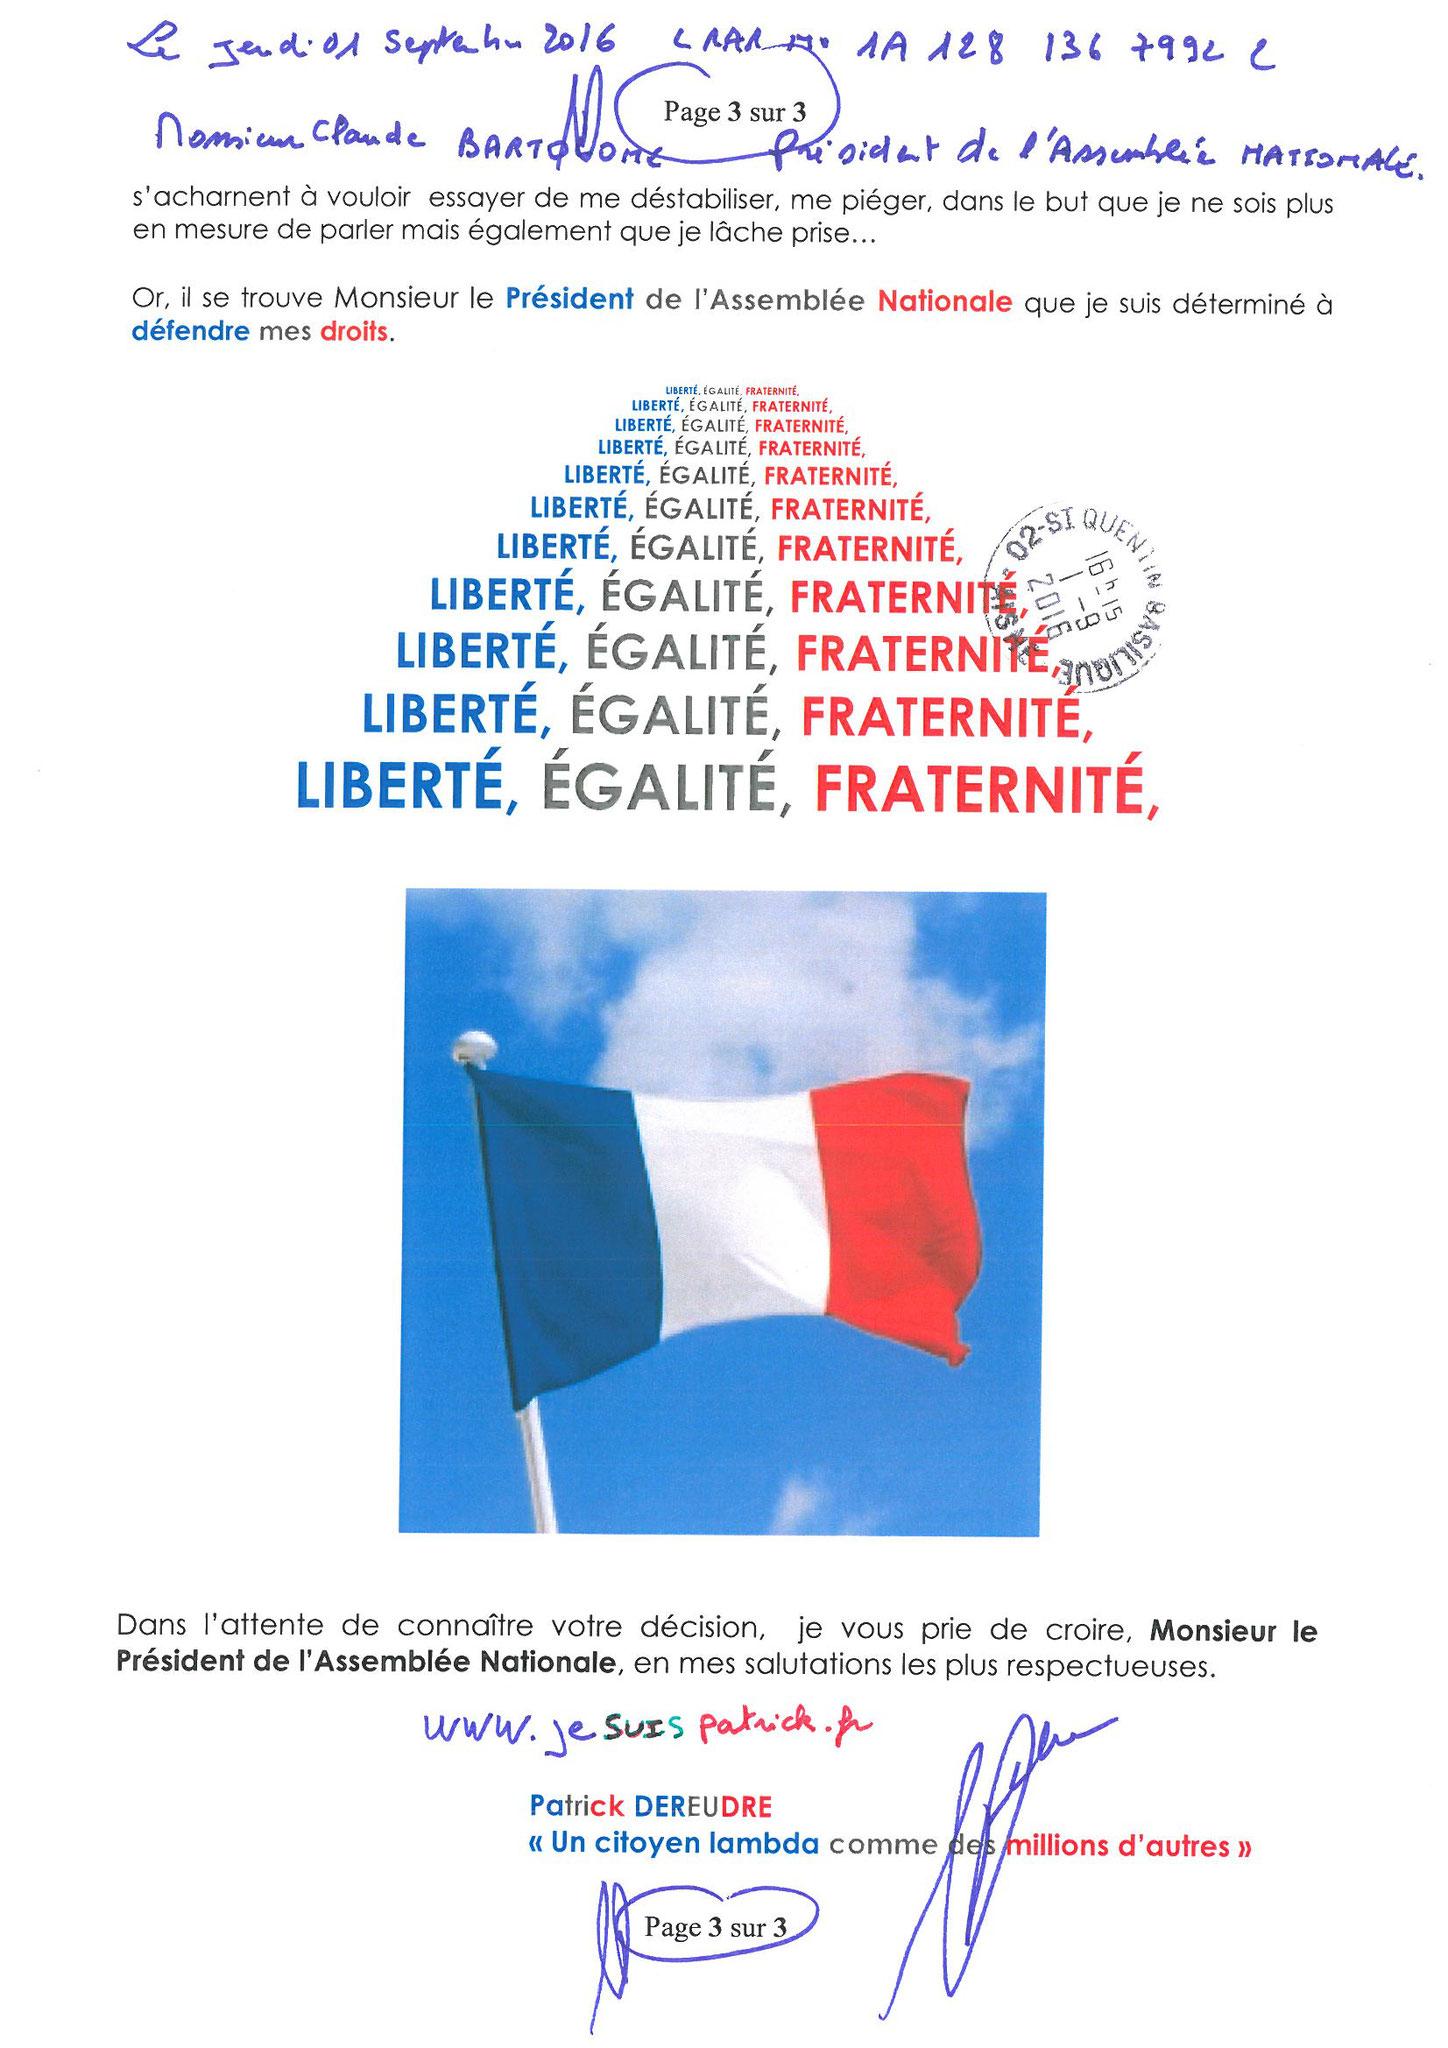 LRAR du 01 Septembre  2016 N°1A 128 136 7992 2 page 3 sur 3  à  Monsieur le Président de l'Assemblée Nationale Commission d'Enquête Parlementaire site www.jesuispatrick.fr